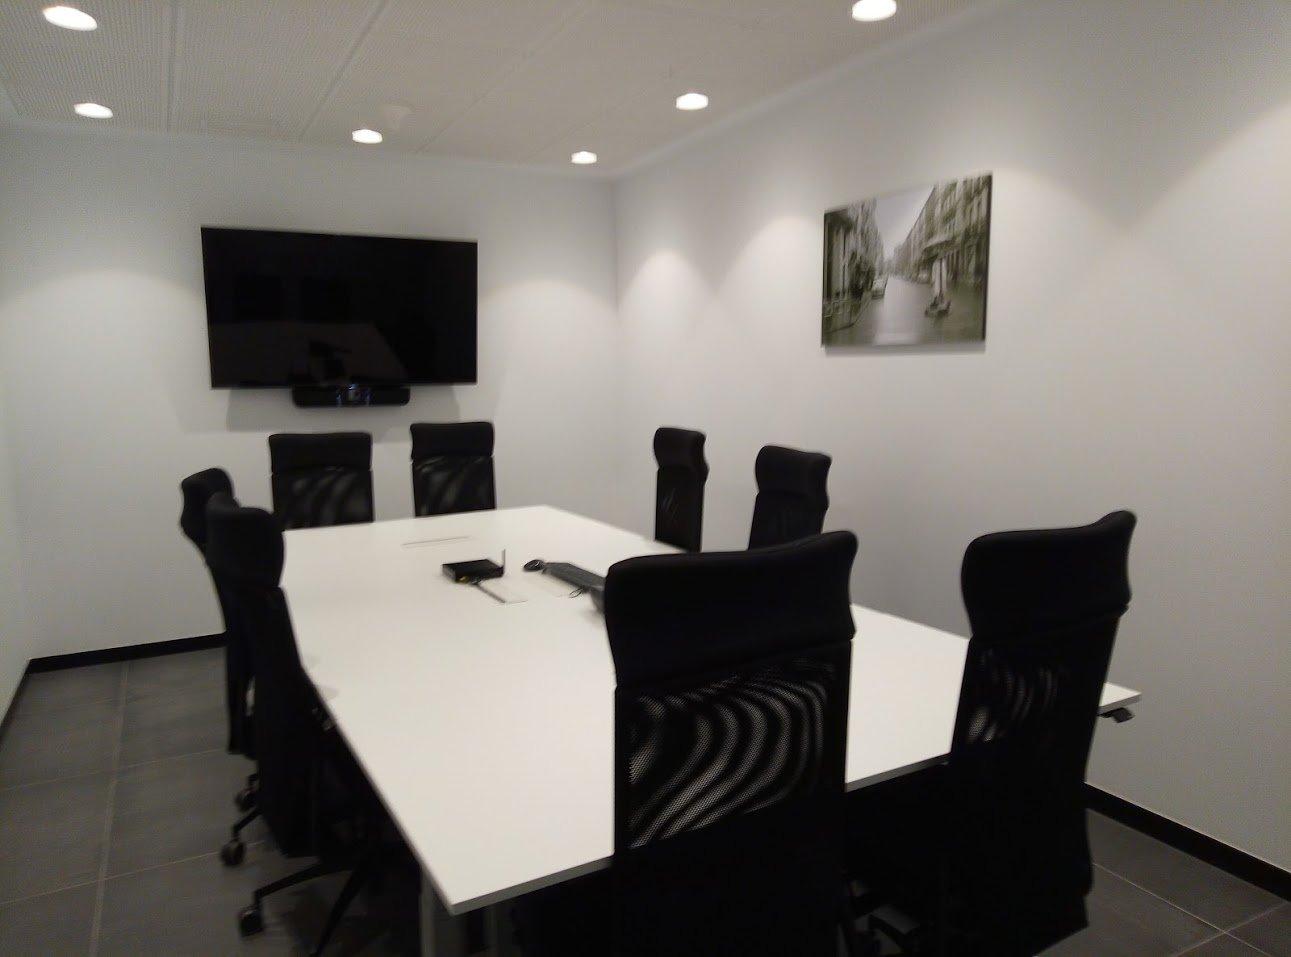 Sala 3 videoconferencia La Fundación